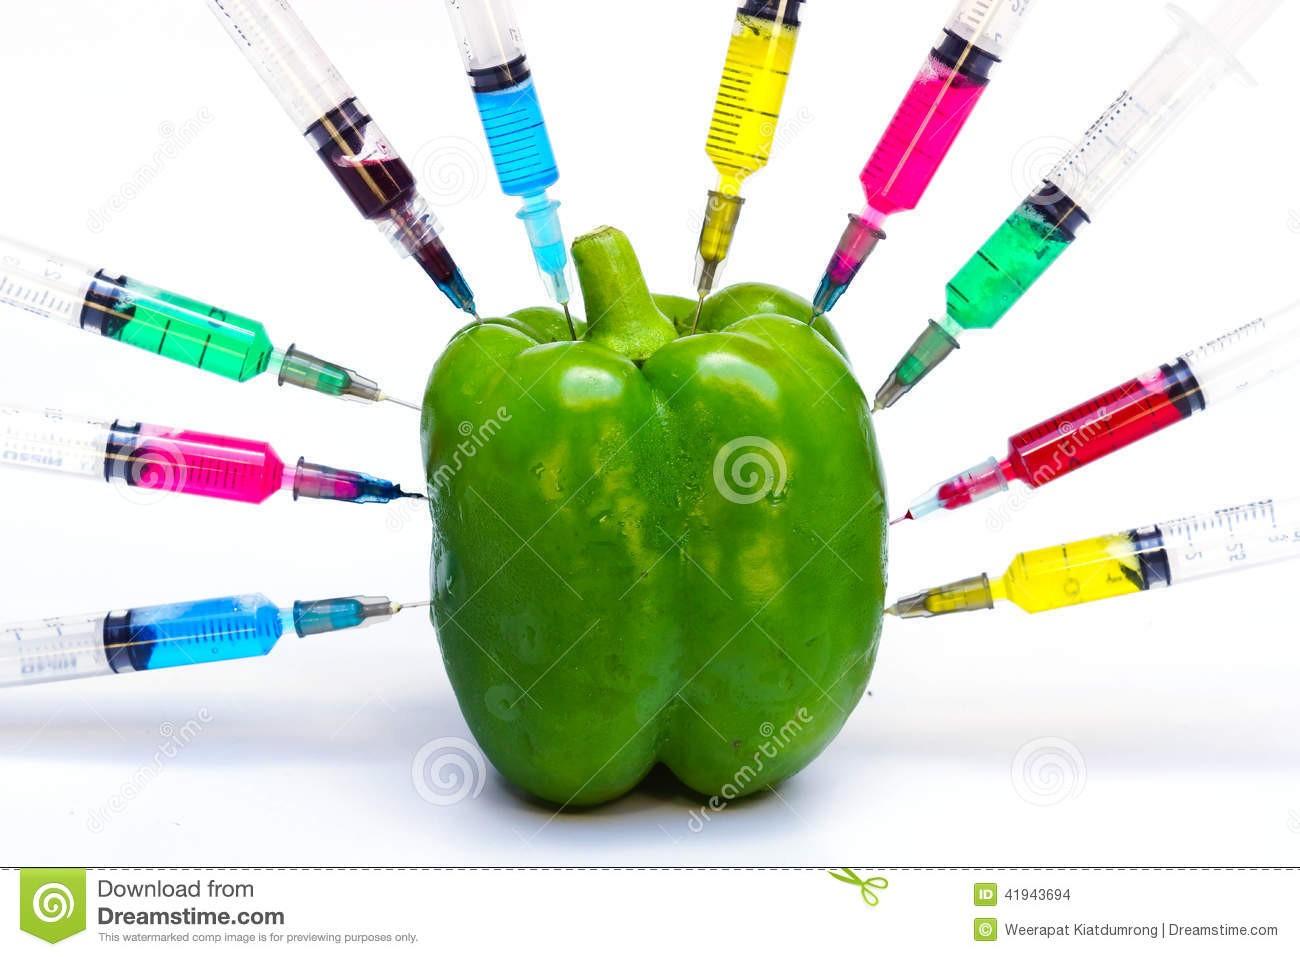 Quel fruit ou légume es-tu ?